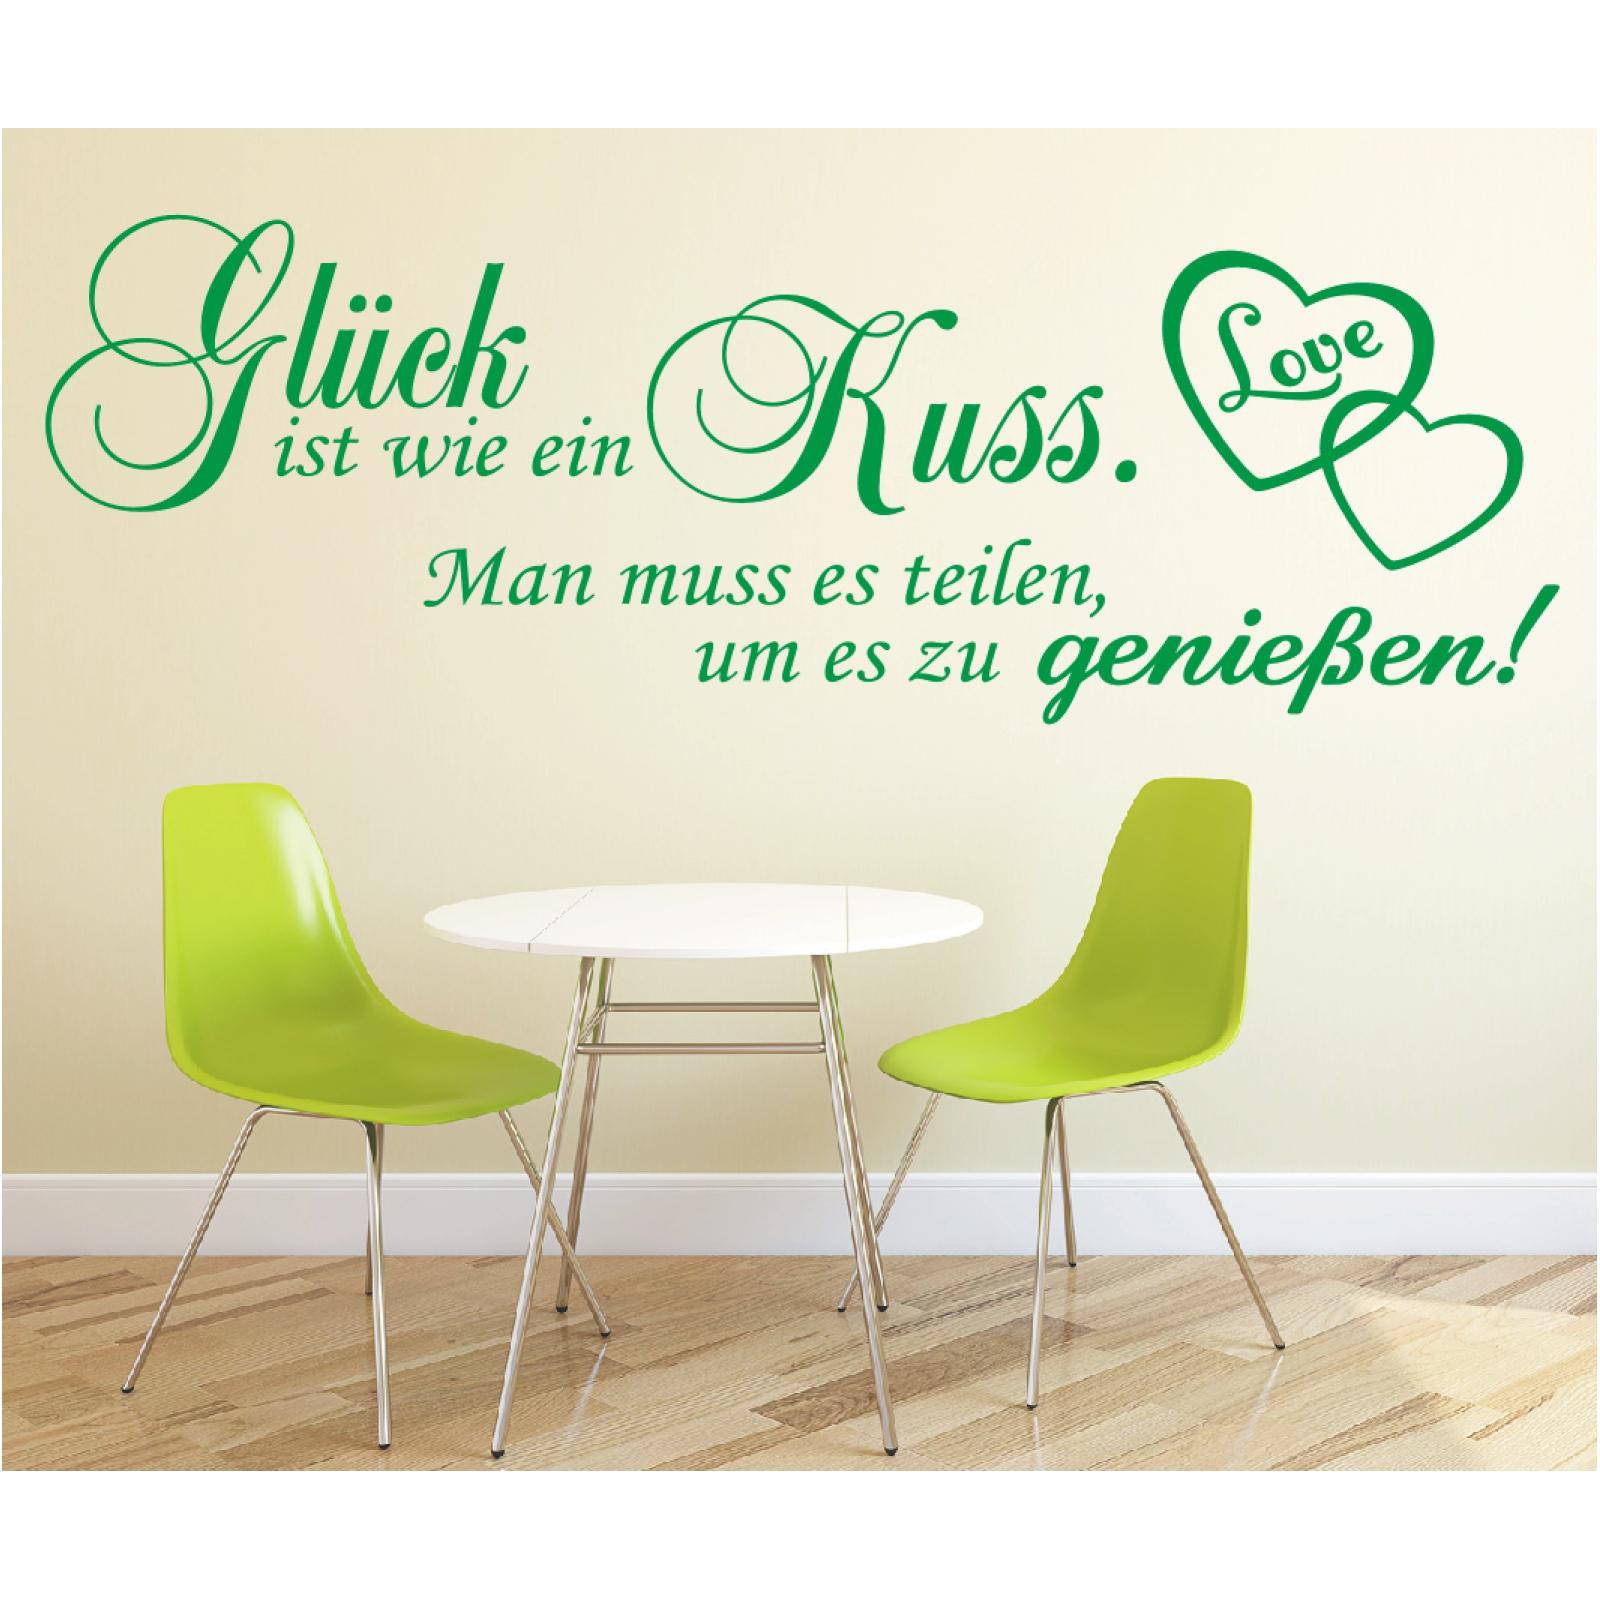 Indexbild 3 - Spruch-WANDTATTOO-Glueck-ist-Kuss-geniessen-Wandsticker-Wandaufkleber-Sticker-2